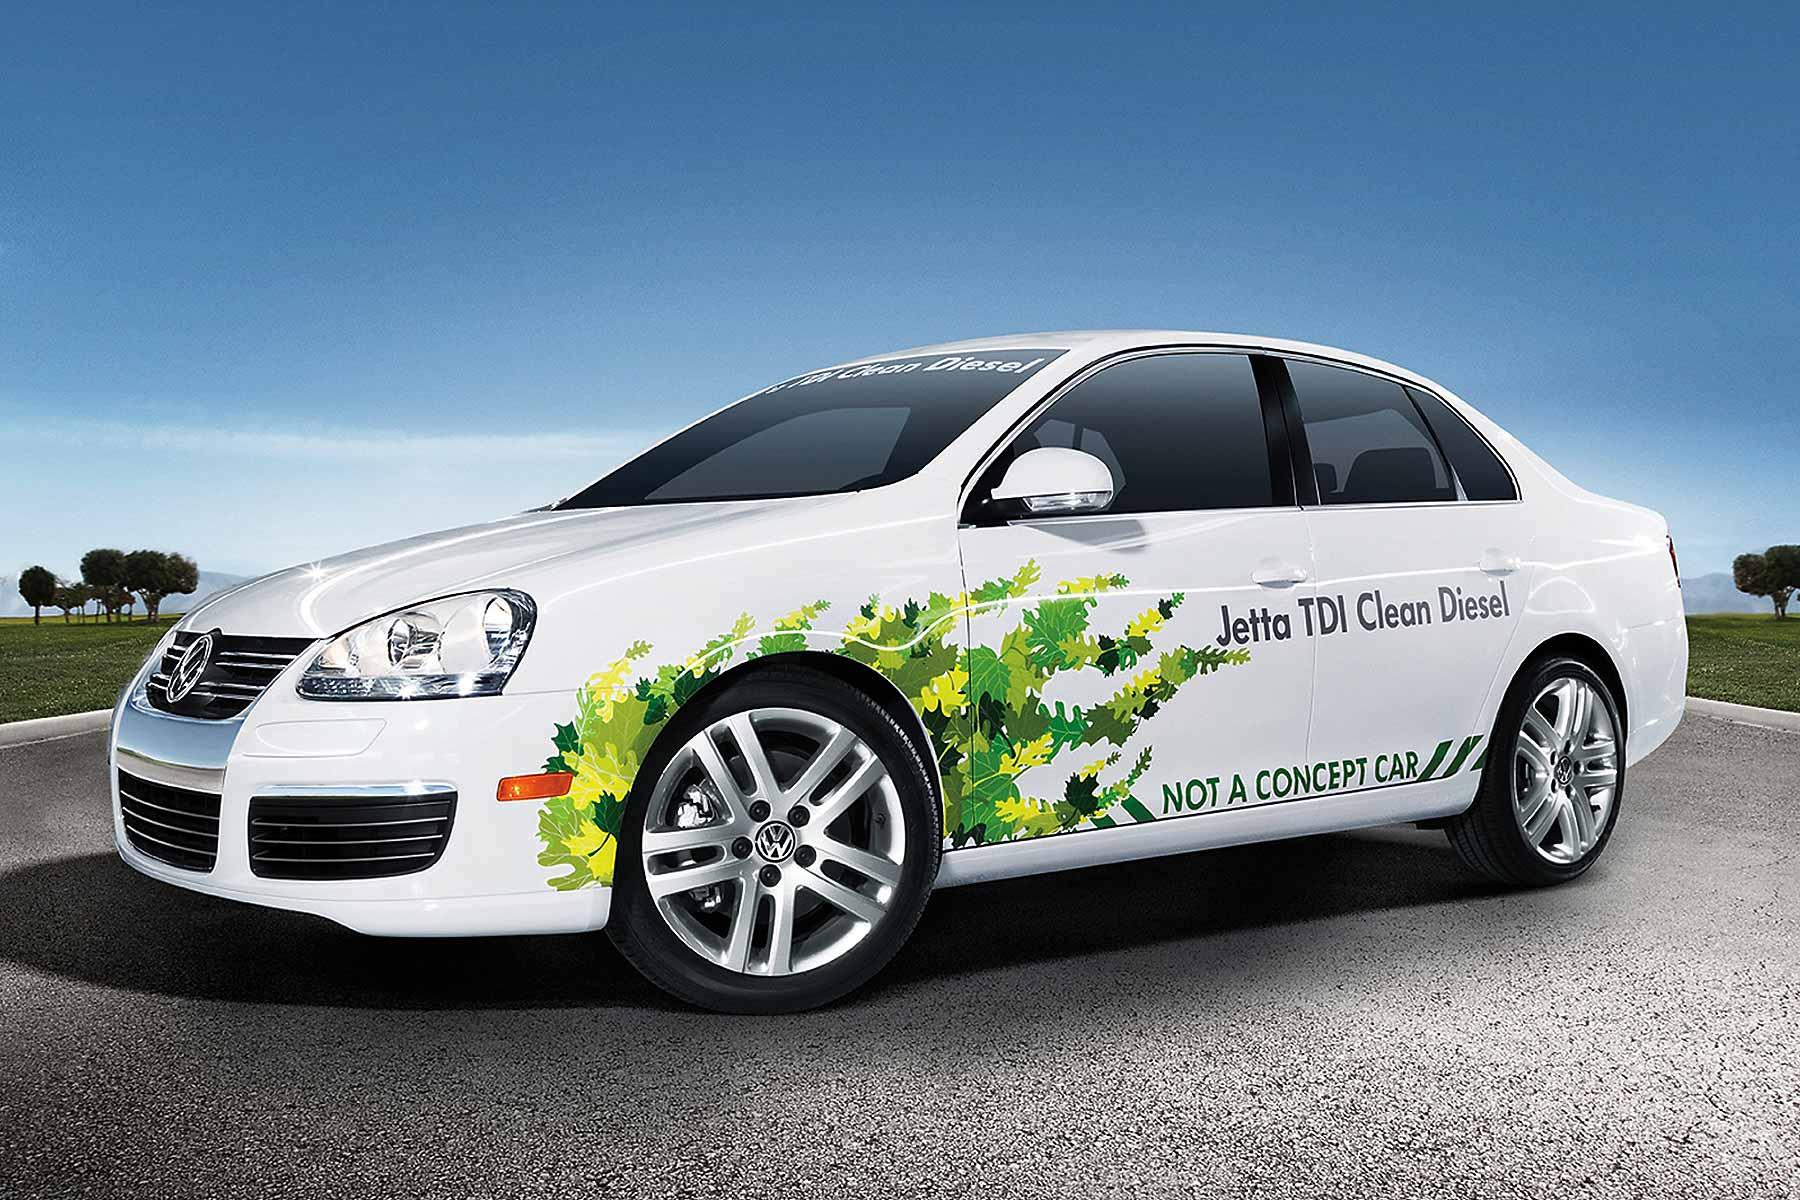 Vw Clean Diesel - Volkswagensels Manipulate Us Emission Testing Vw